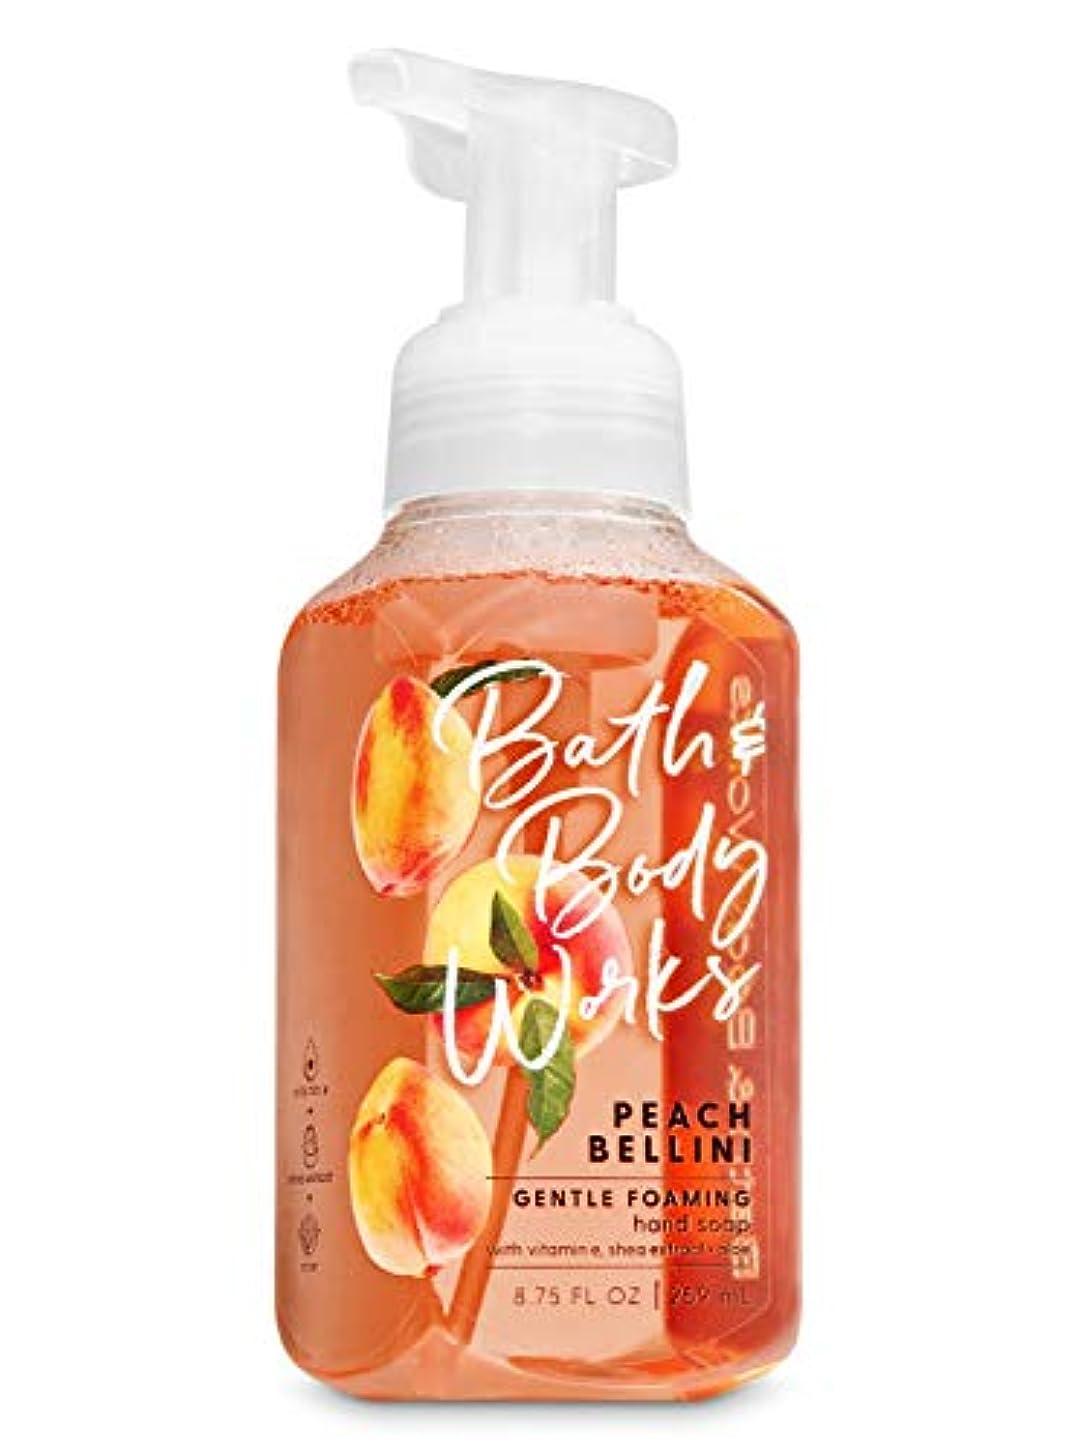 論争の的ポーチ形容詞バス&ボディワークス ピーチベリーニ ジェントル フォーミング ハンドソープ Peach Bellini Gentle Foaming Hand Soap